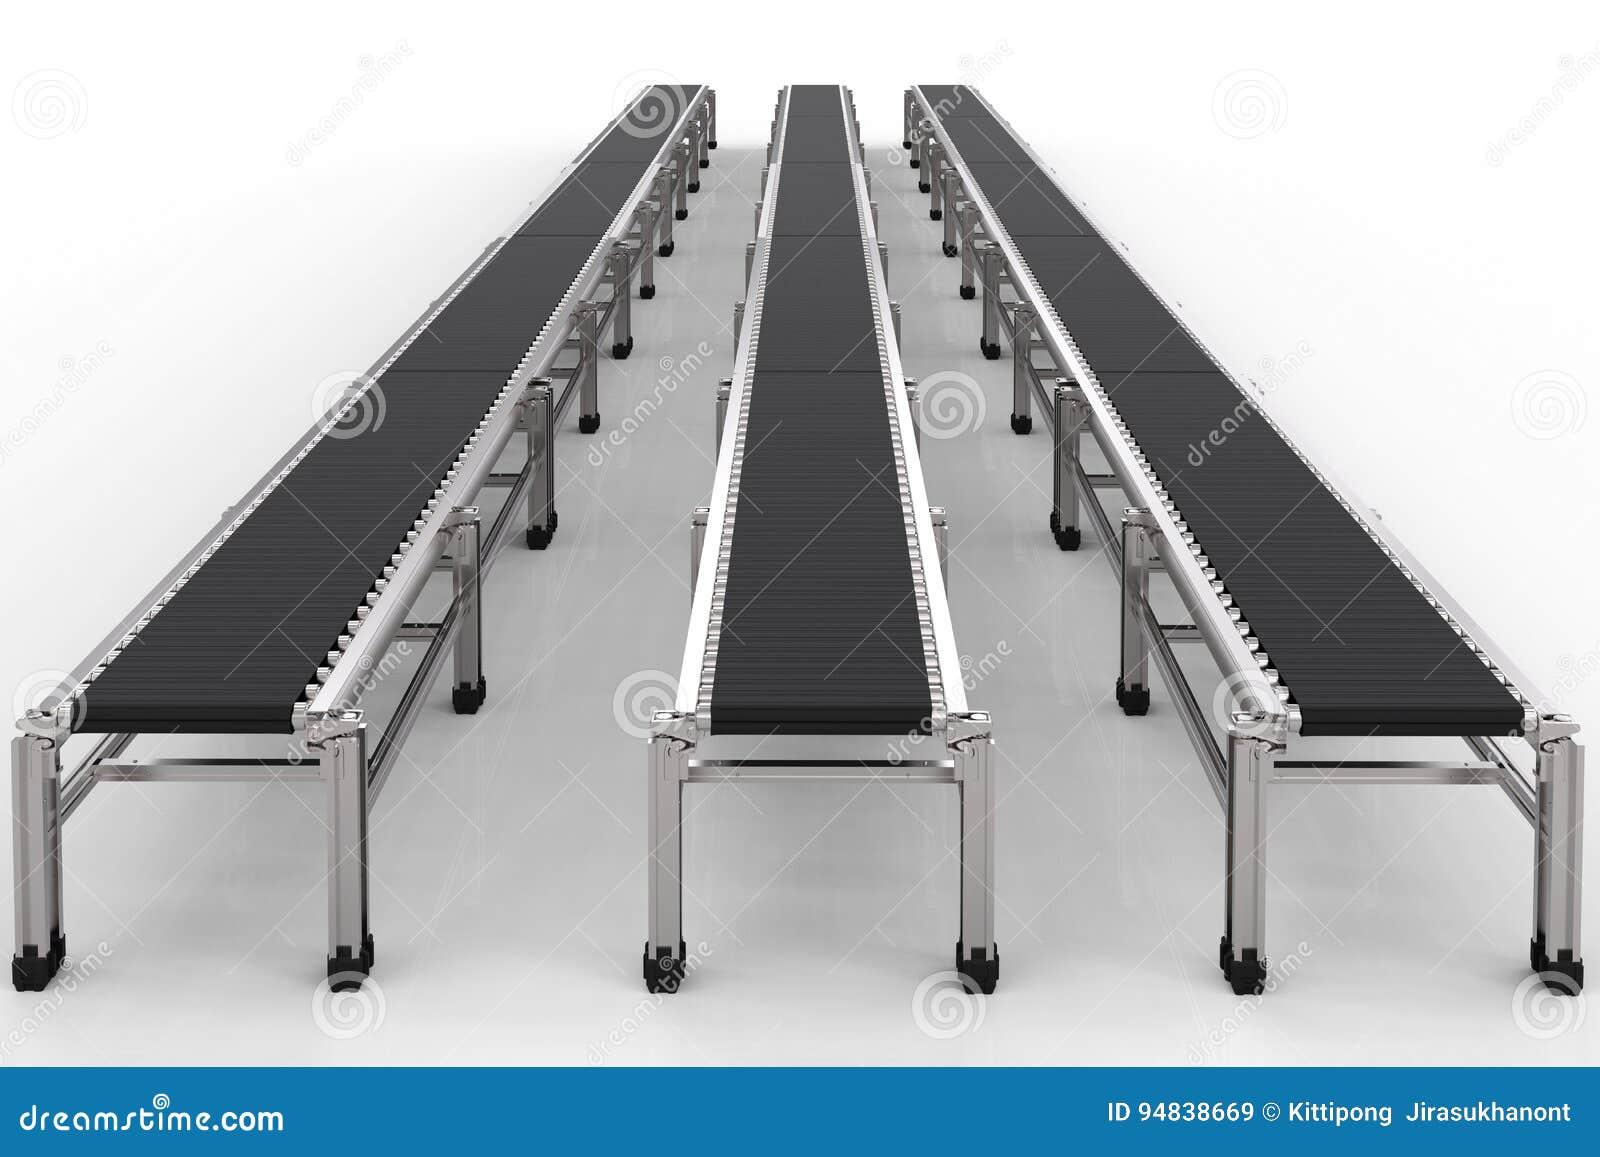 Bandes de conveyeur en caoutchouc